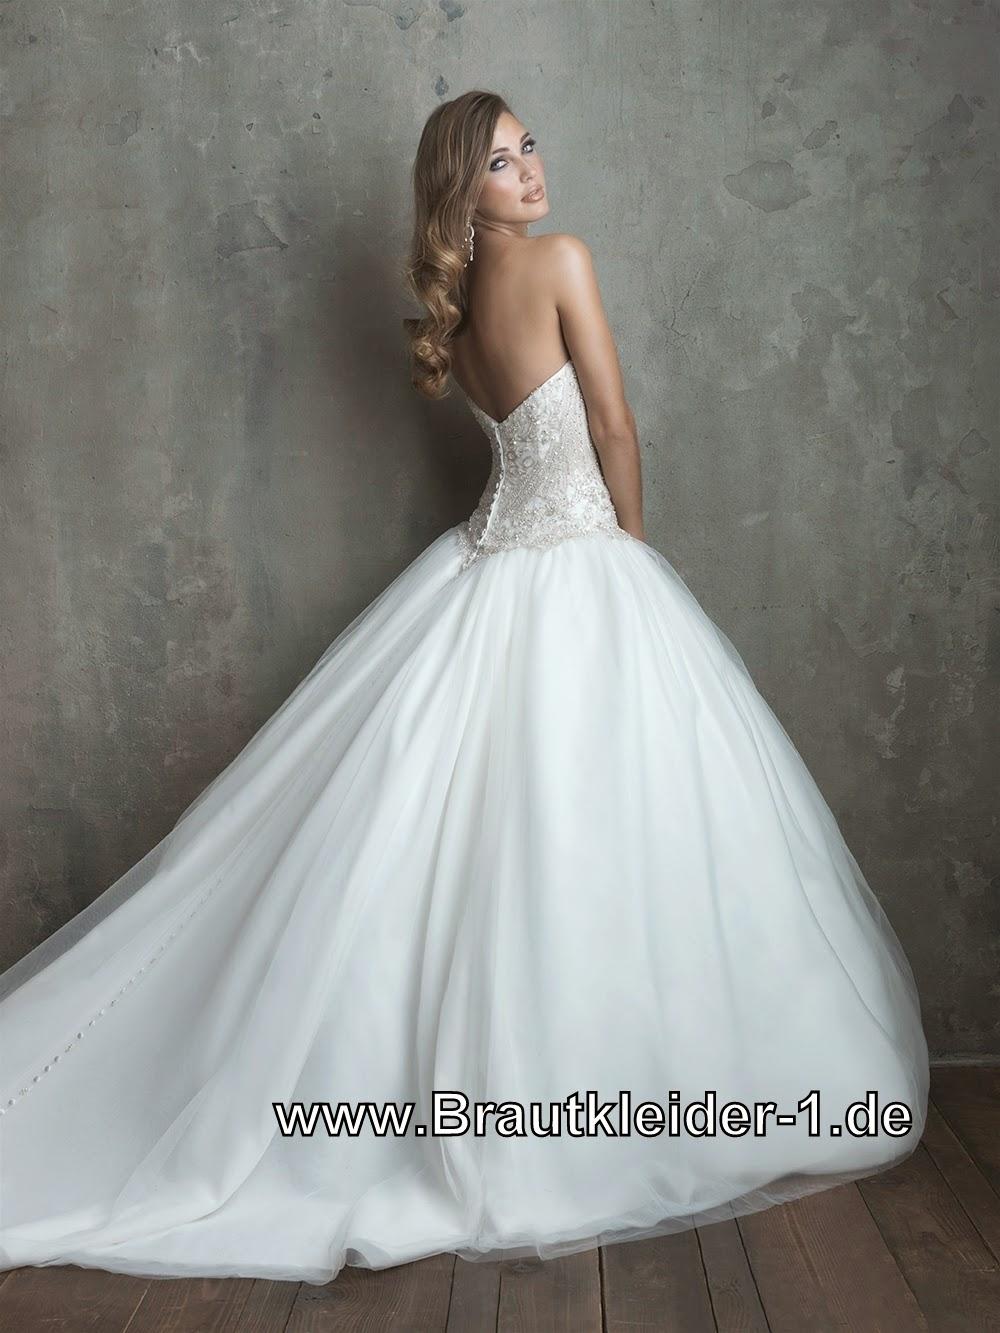 Brautkleider mit Schleppe: Luxus Brautkleid Hochzeitskleid Sofia Gr 34 ...